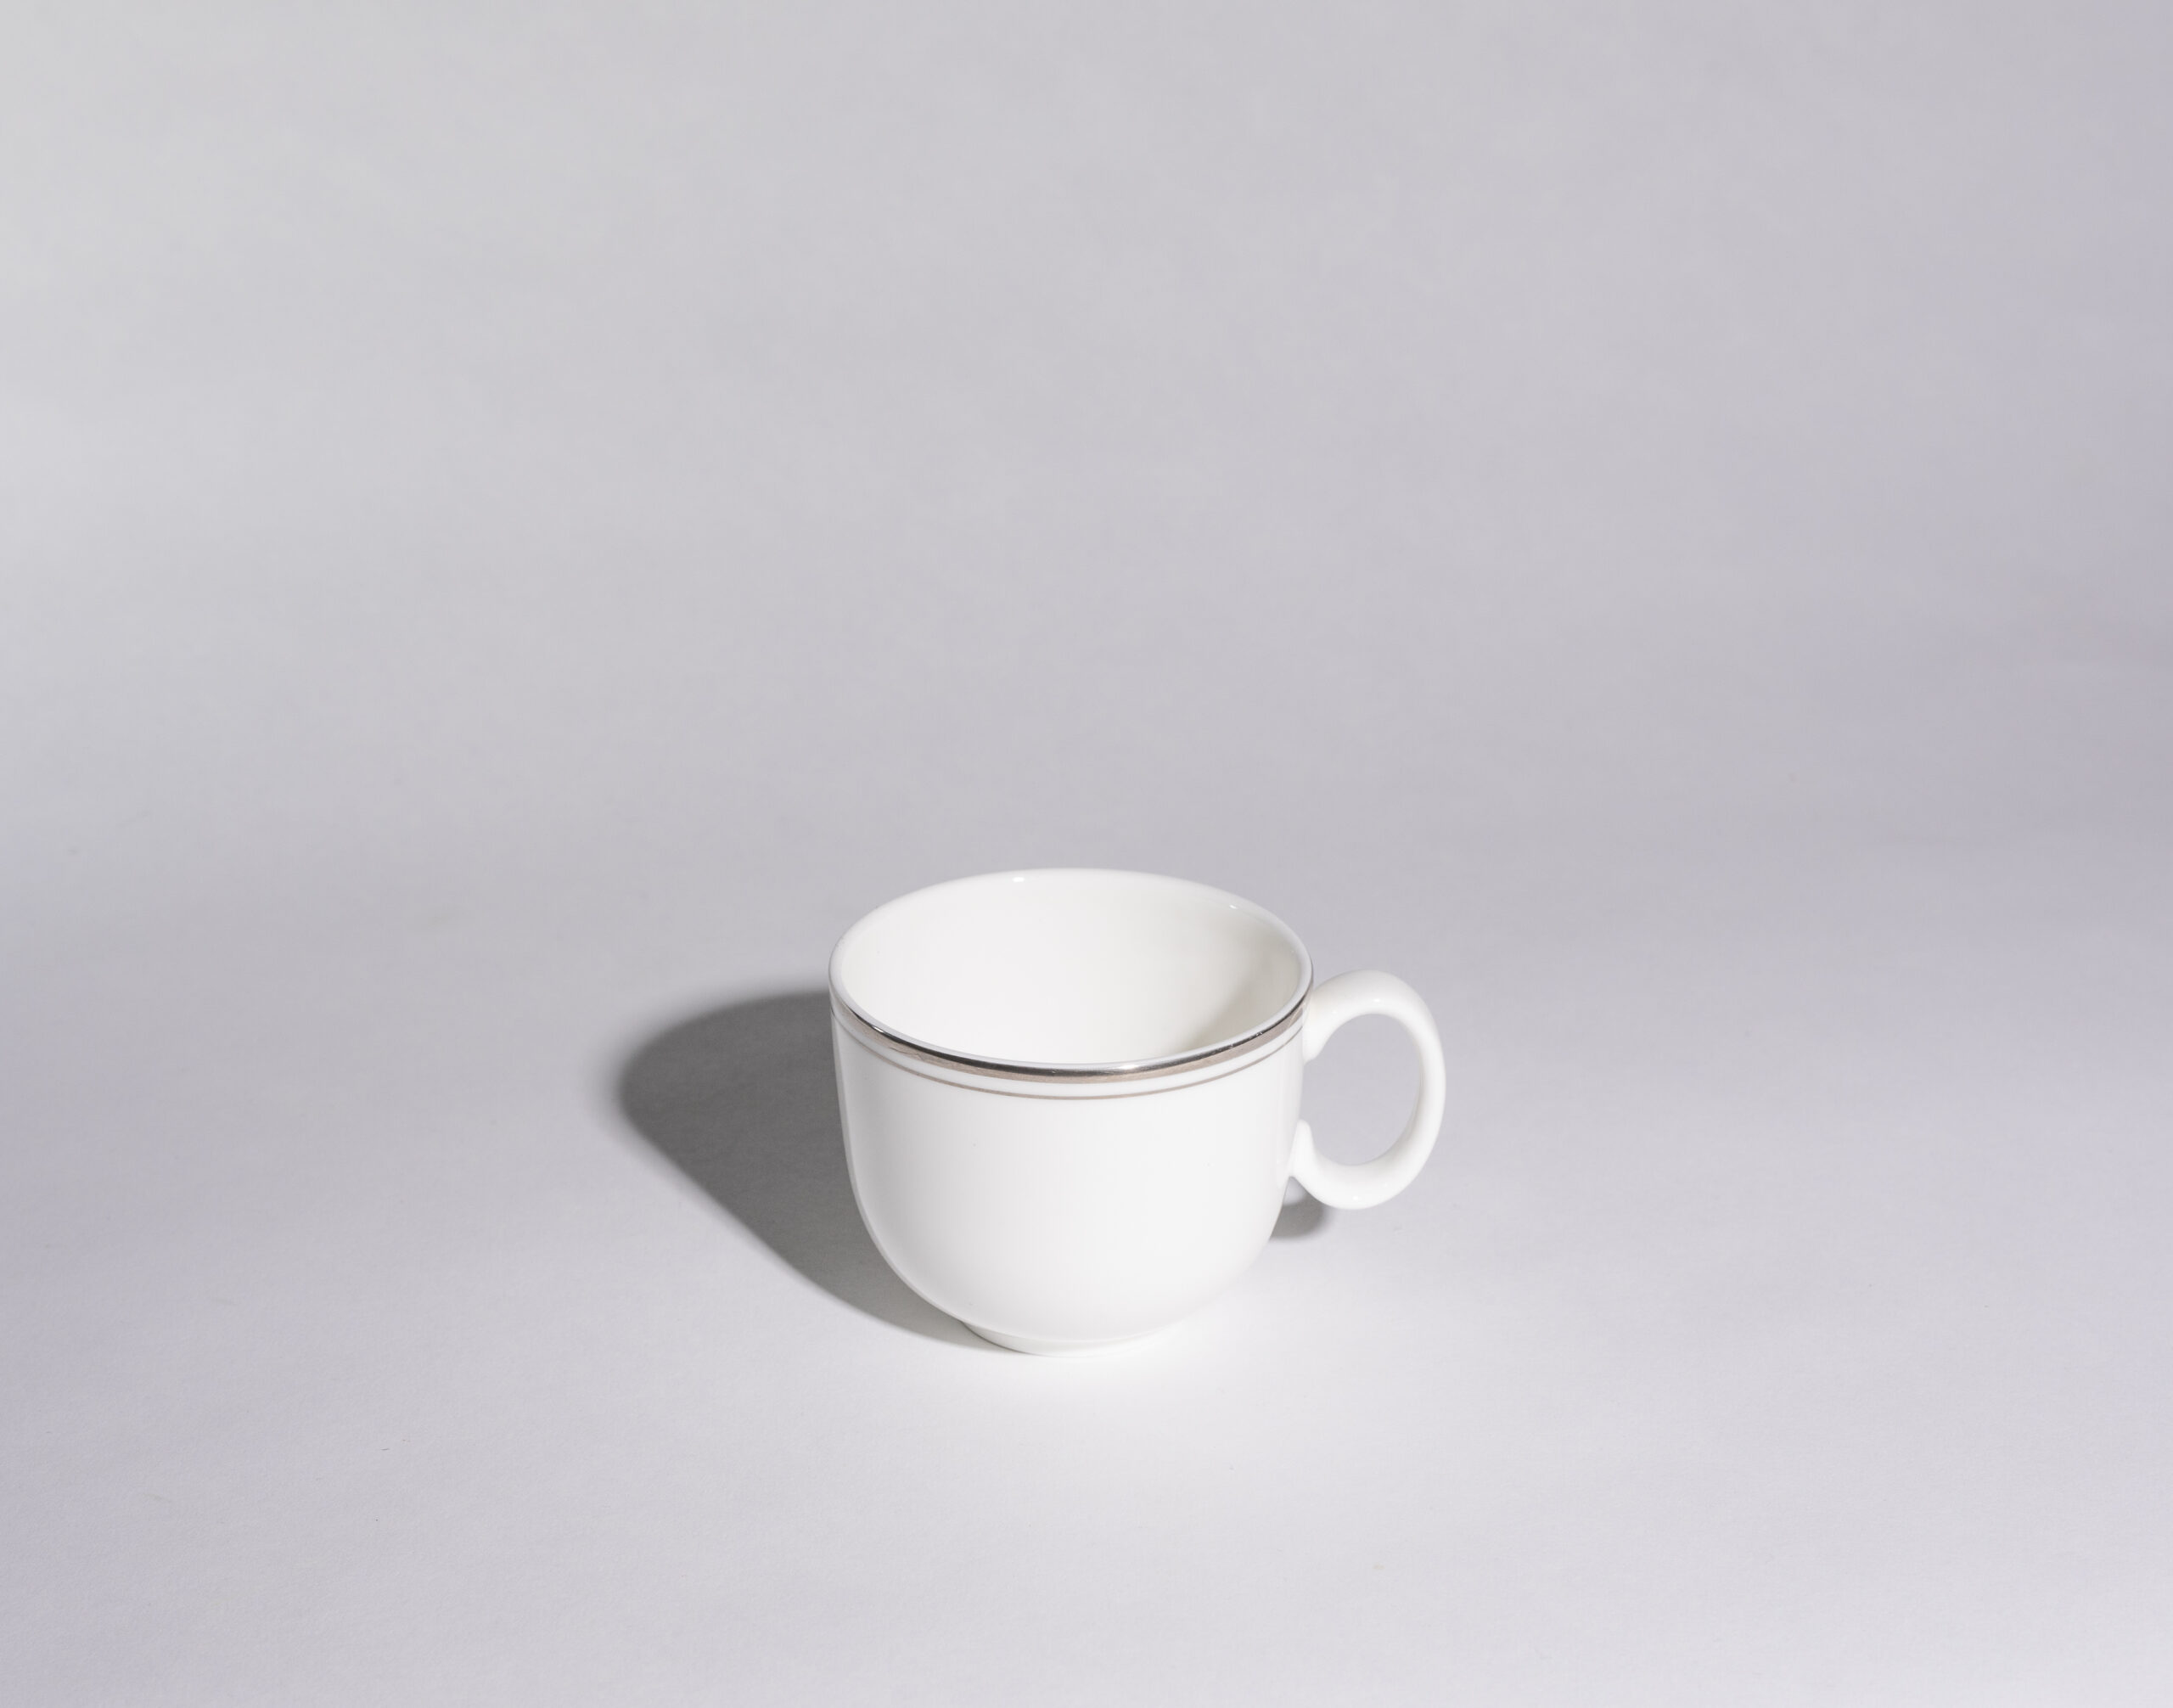 Coffee cups (8oz)